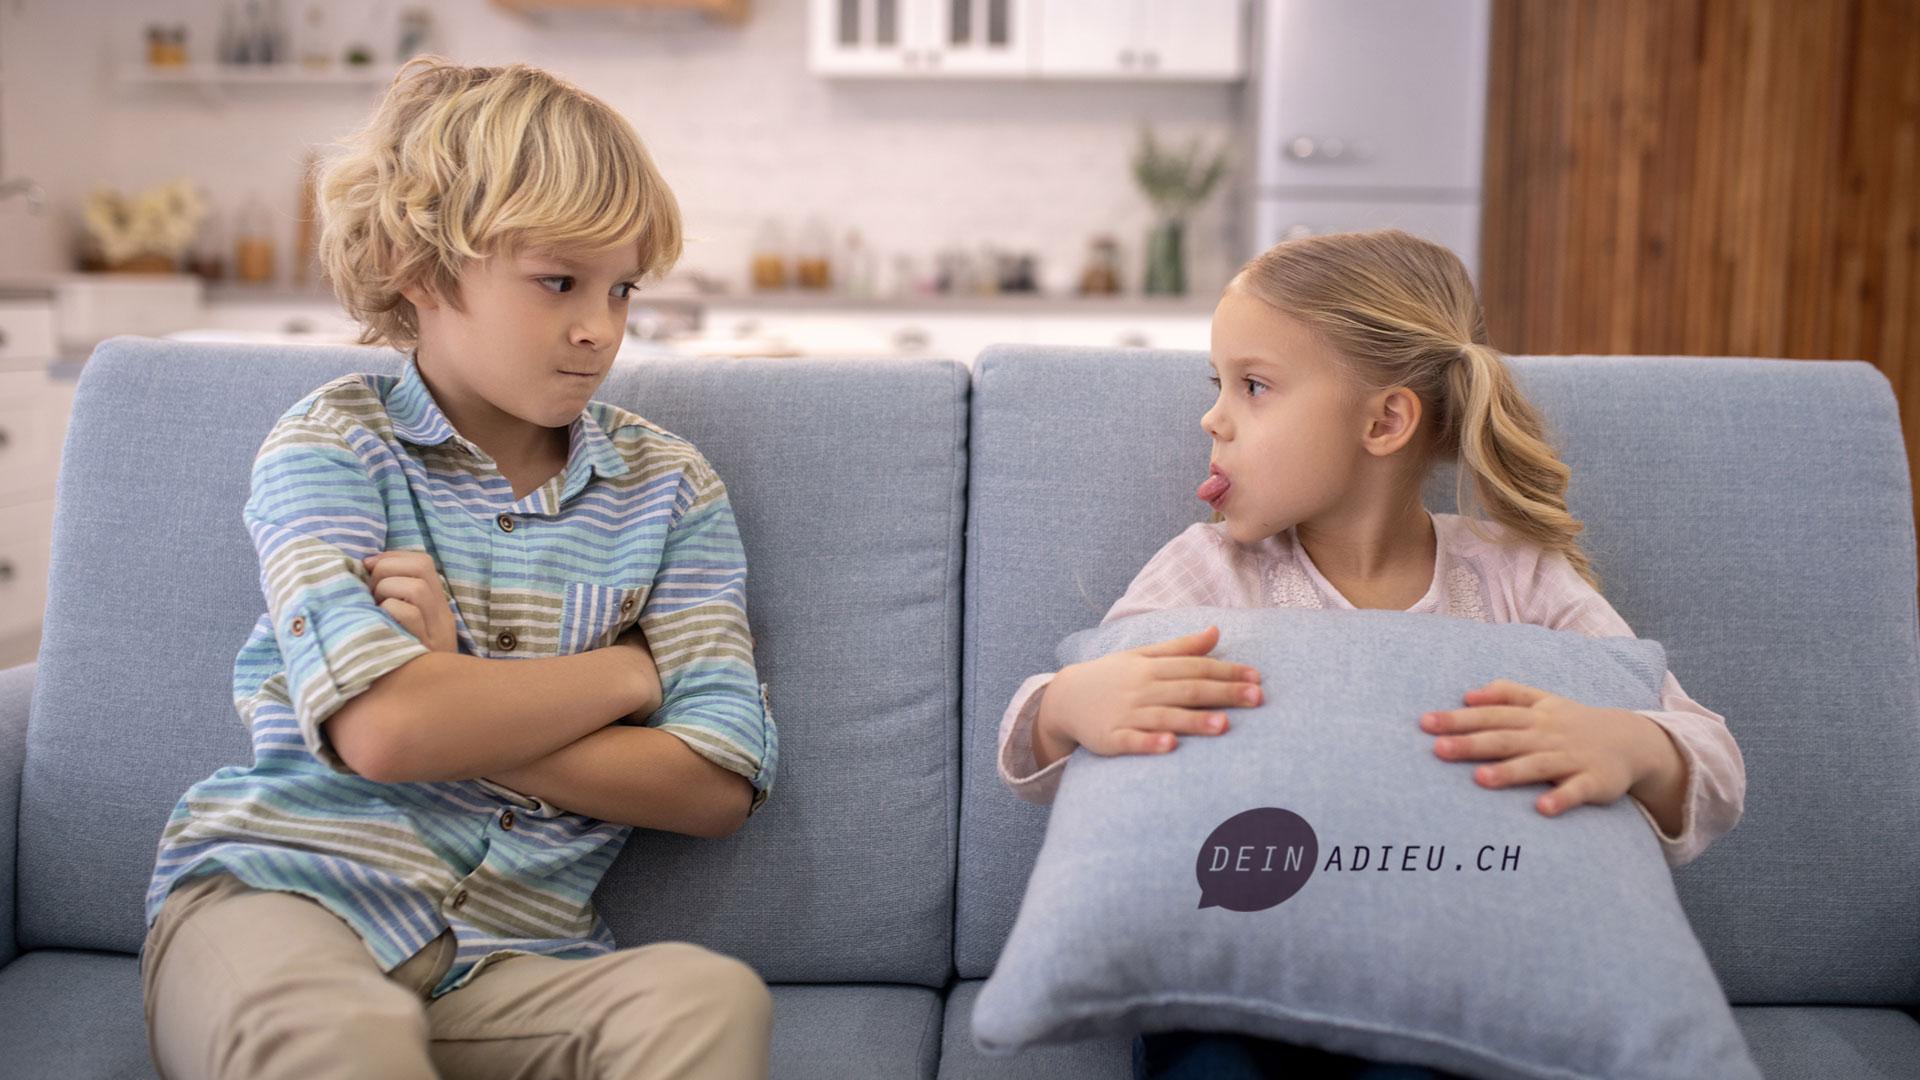 zwei Geschwister sitzen auf dem Sofa und schenken sich böse Blicke.